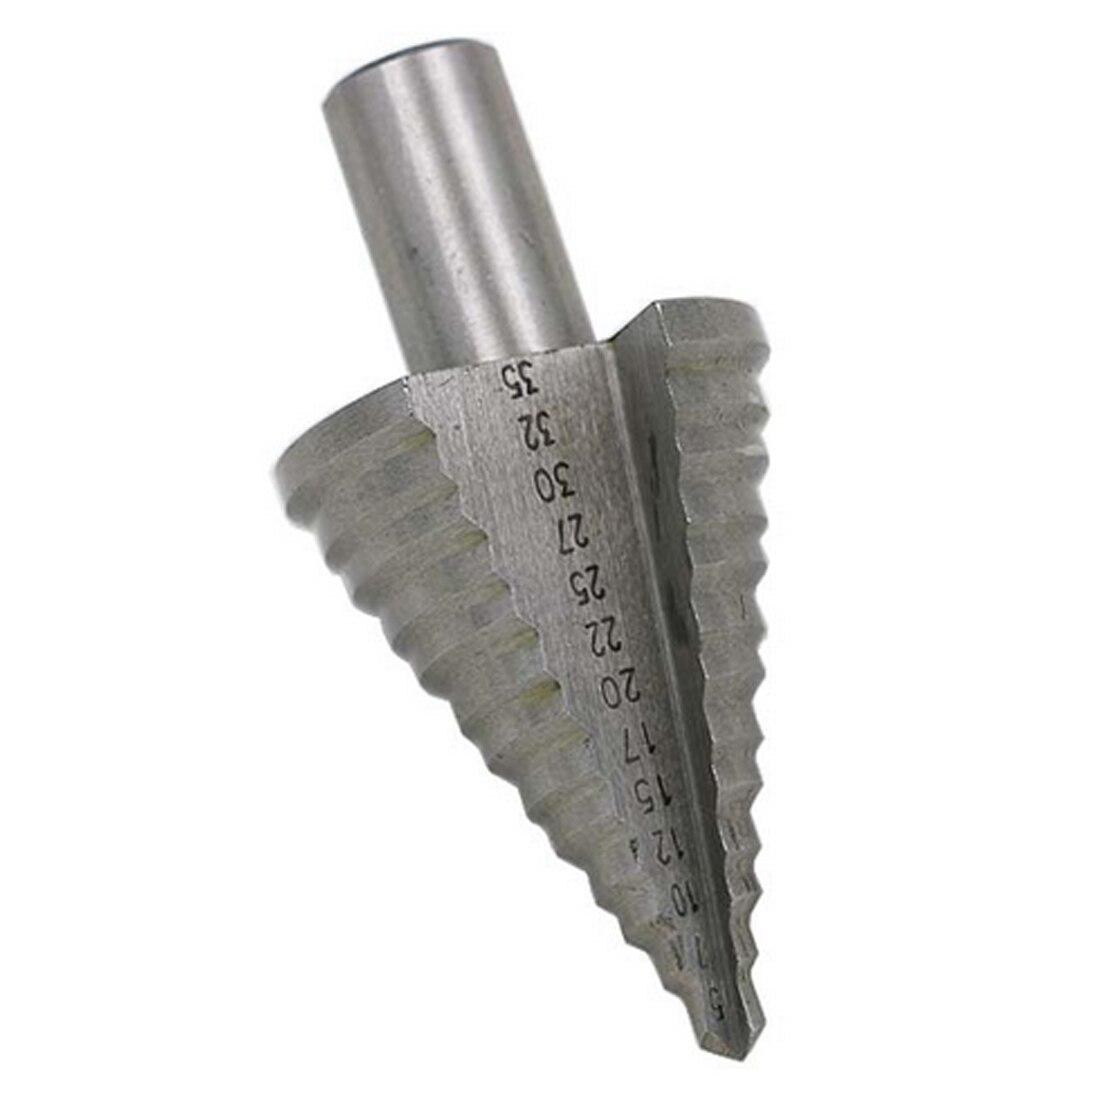 Passo Punta del trapano 5-35mm 13 Passi (5,7, 10,12, 15,17, 20,22, 25,27, 30,32, 35mm) HSS Cobalto Alesatore Più del Foro del Metallo di Perforazione del Metallo Strumento